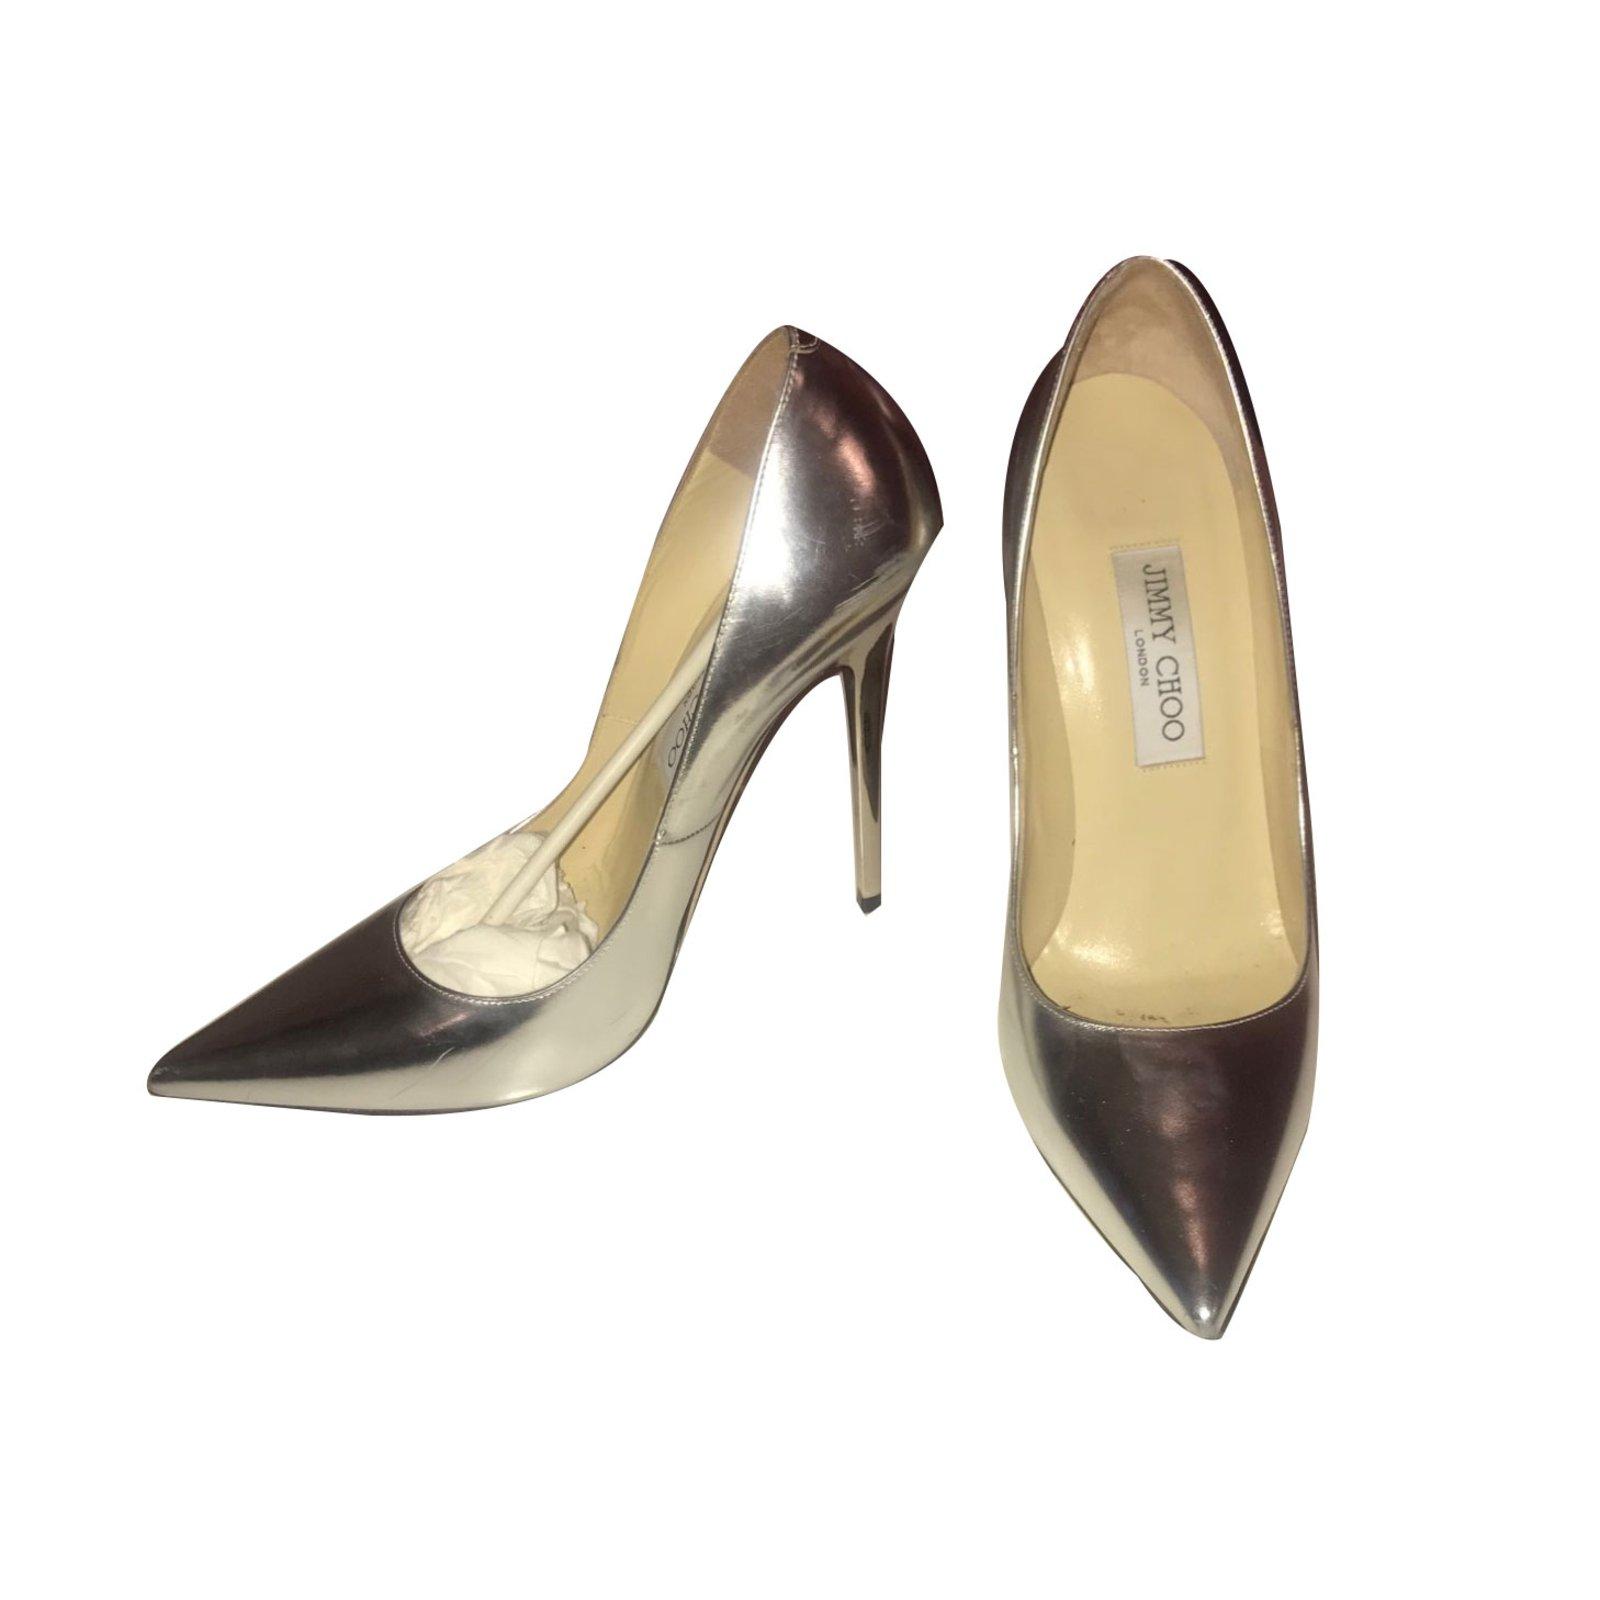 65b92770378 Jimmy Choo ANOUK Heels Patent leather Silvery ref.78609 - Joli Closet